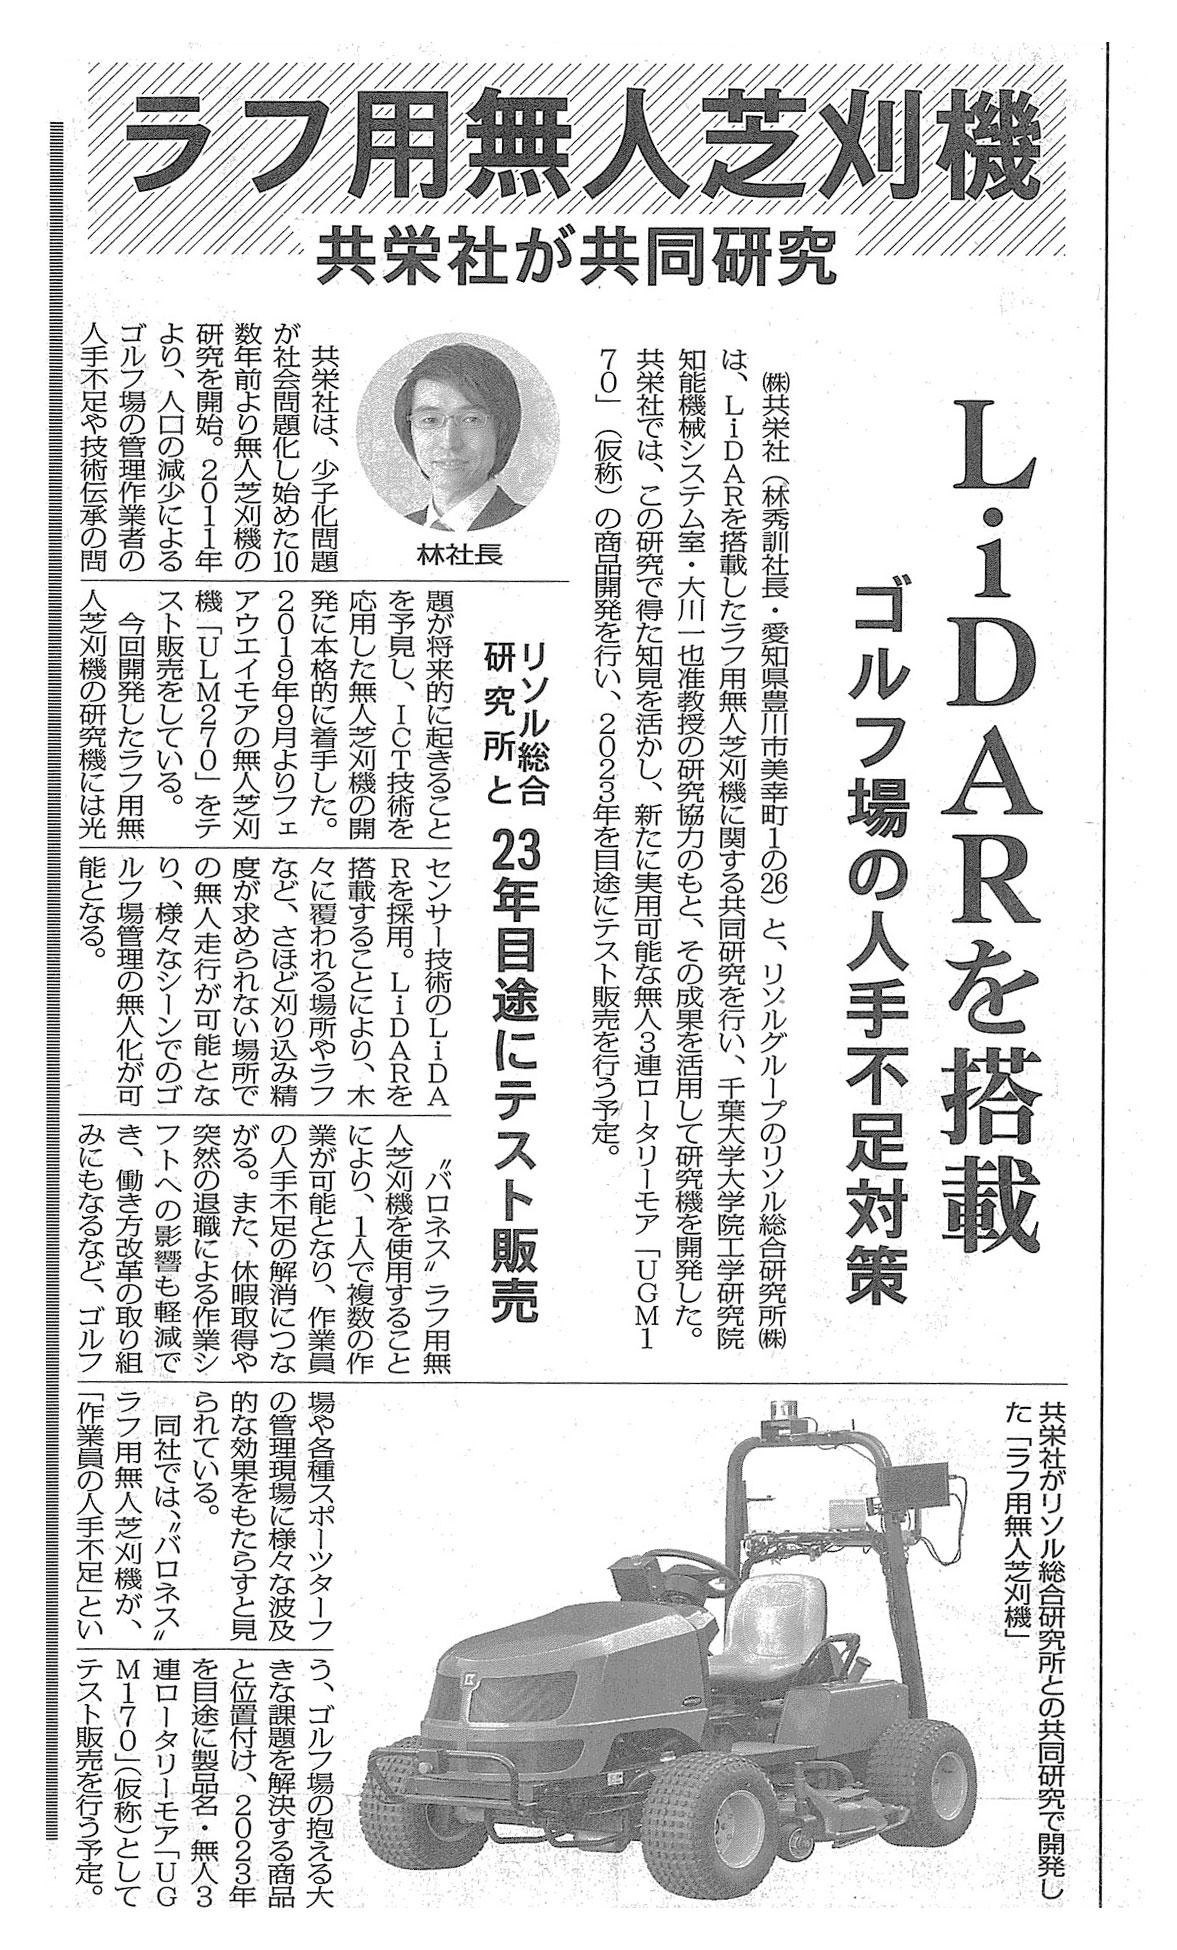 農経しんぽう無人芝刈機記事